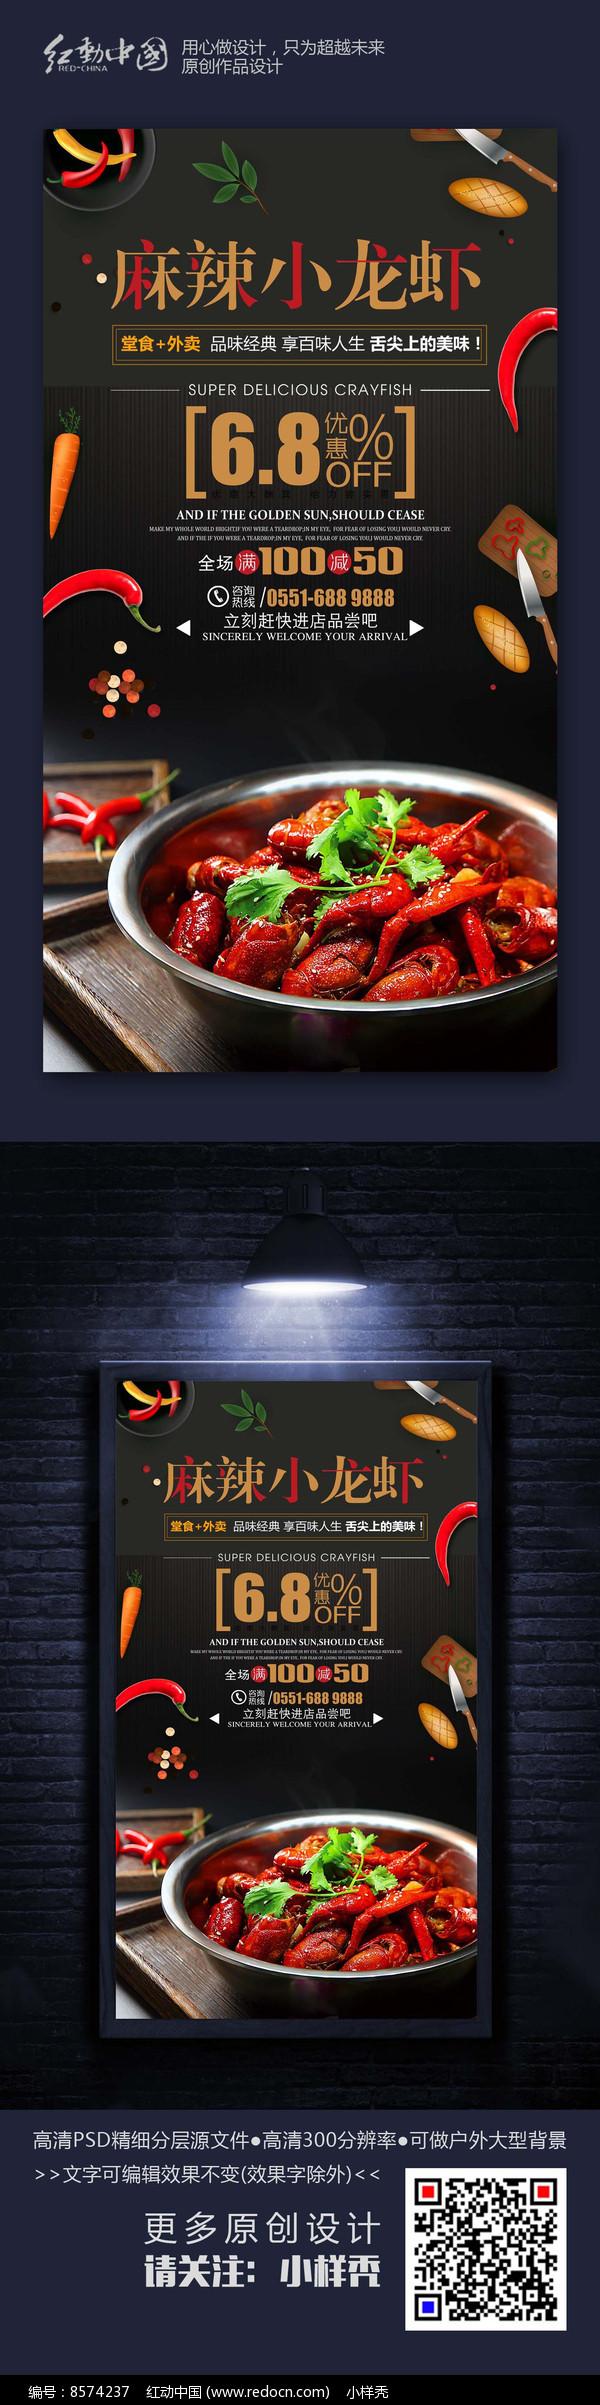 创意精品麻辣小龙虾海报素材图片